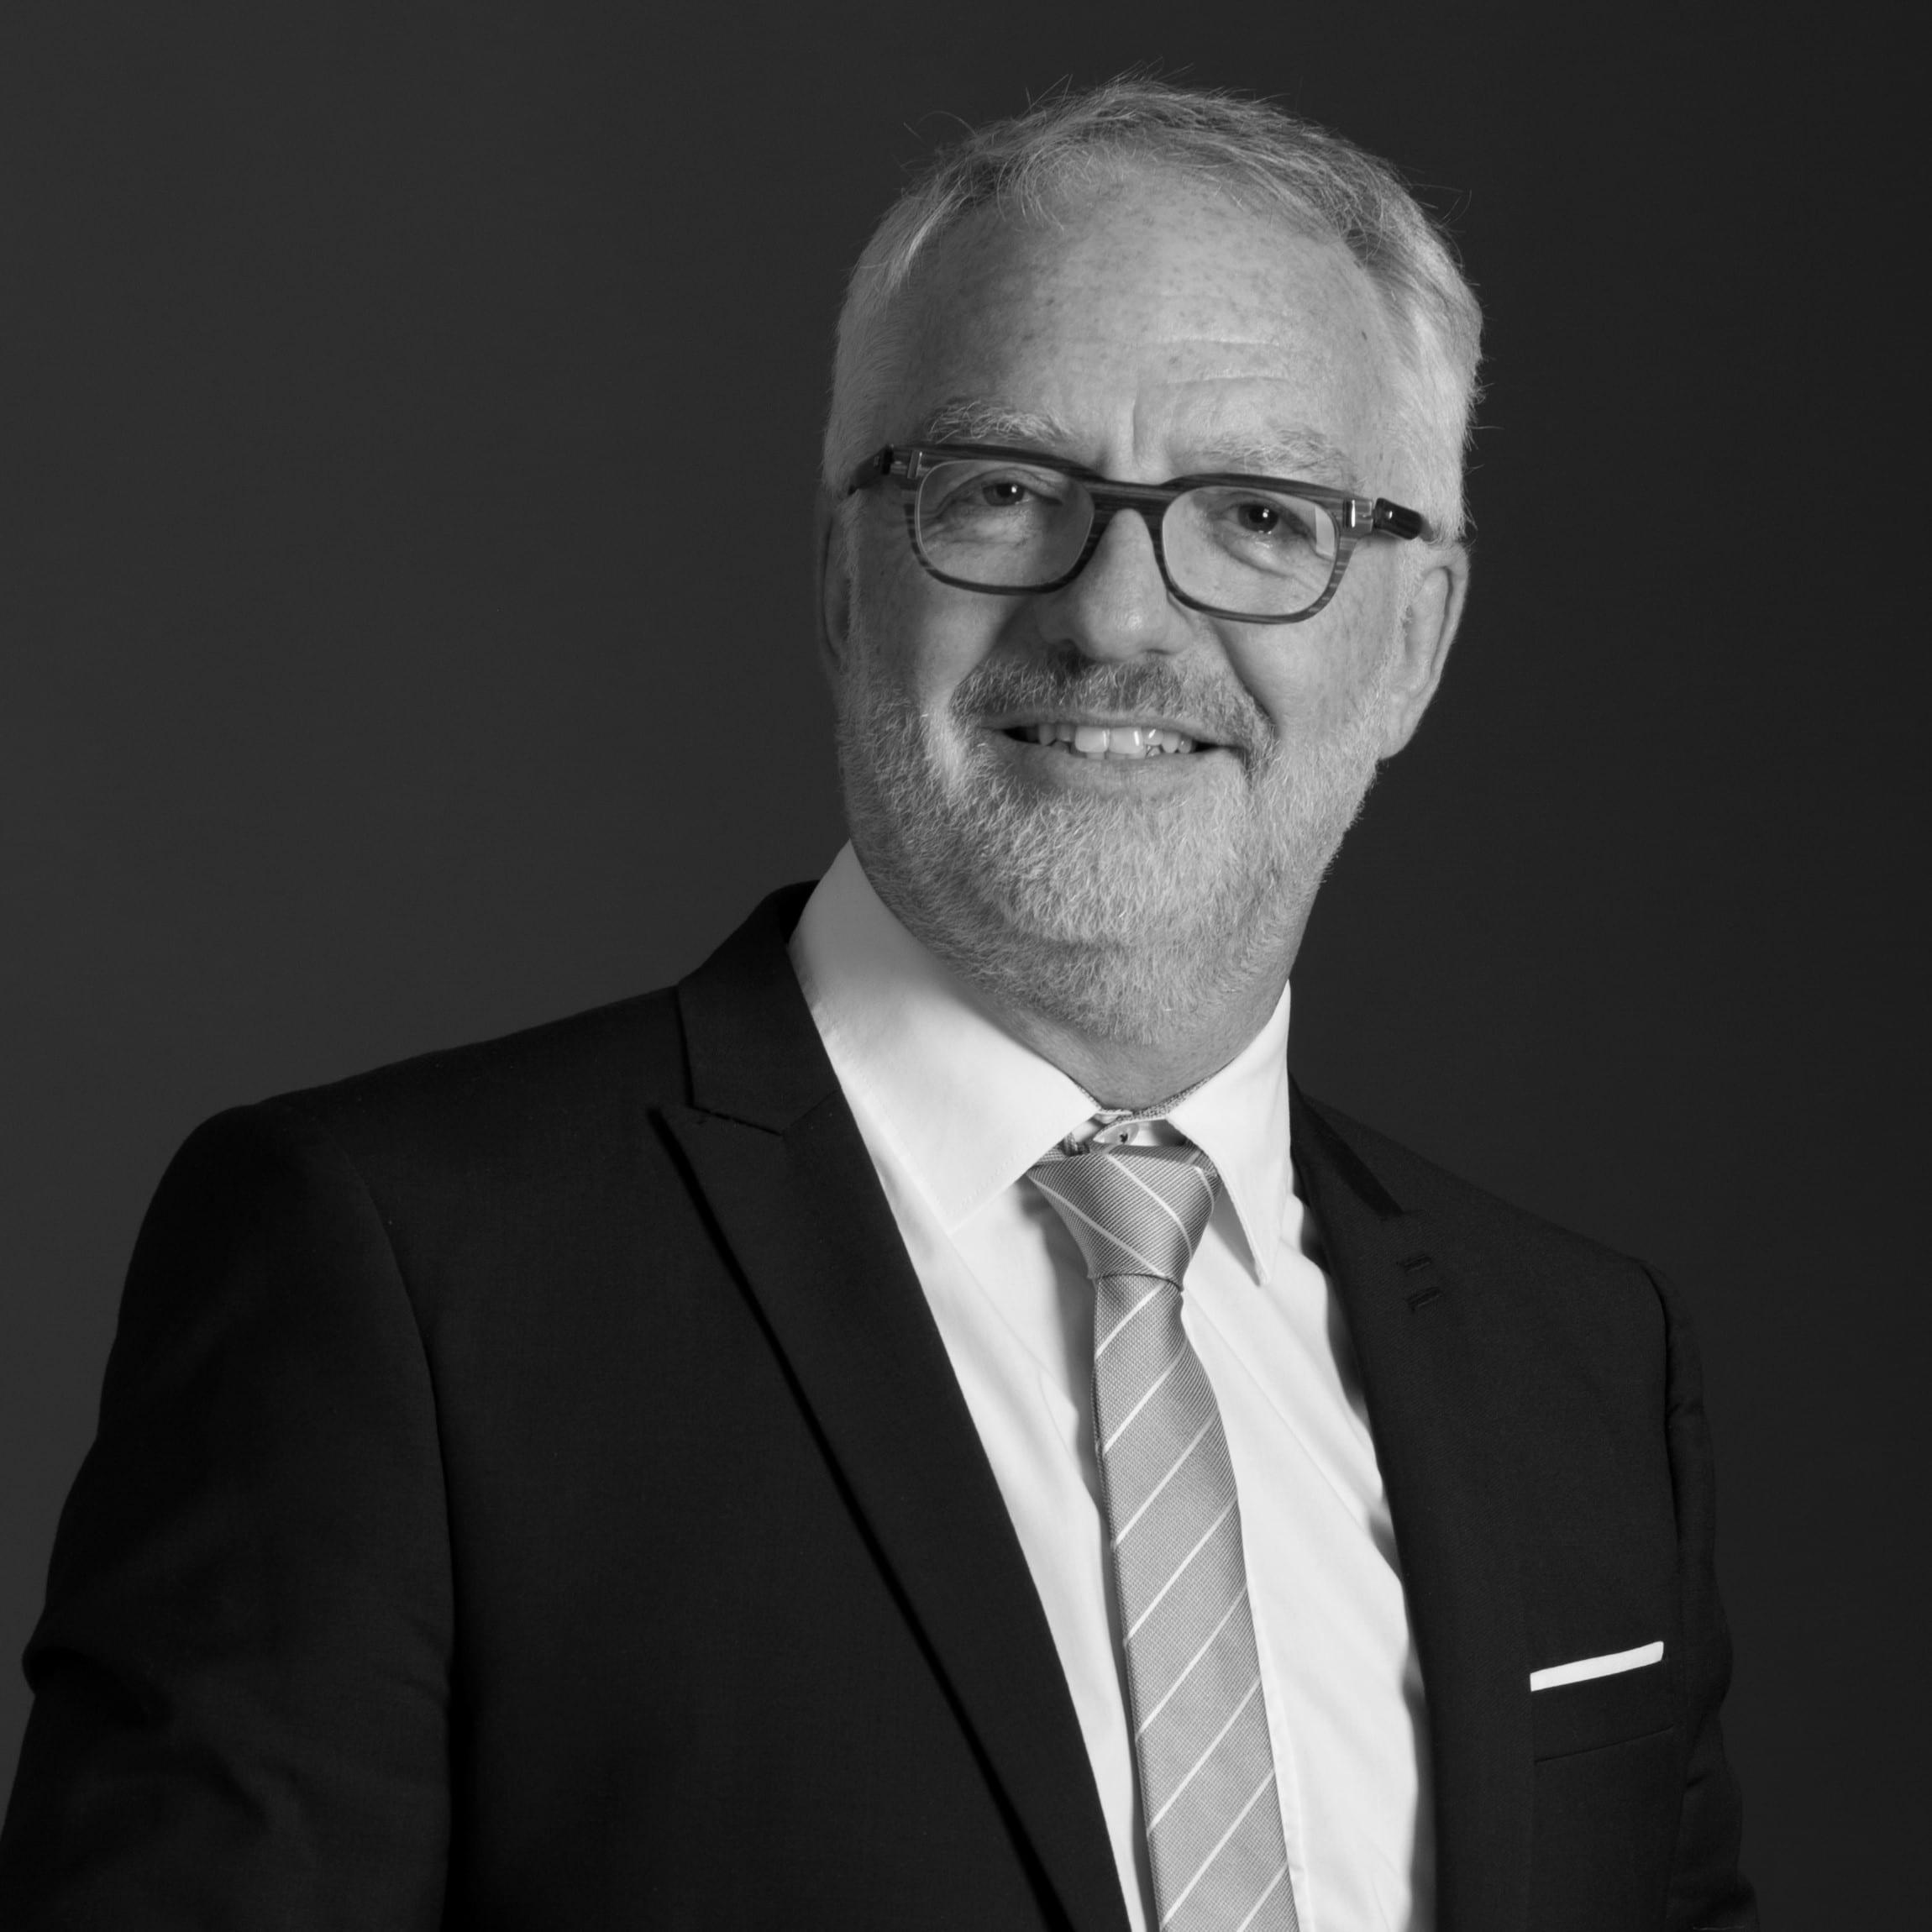 Mathieu Kuhn